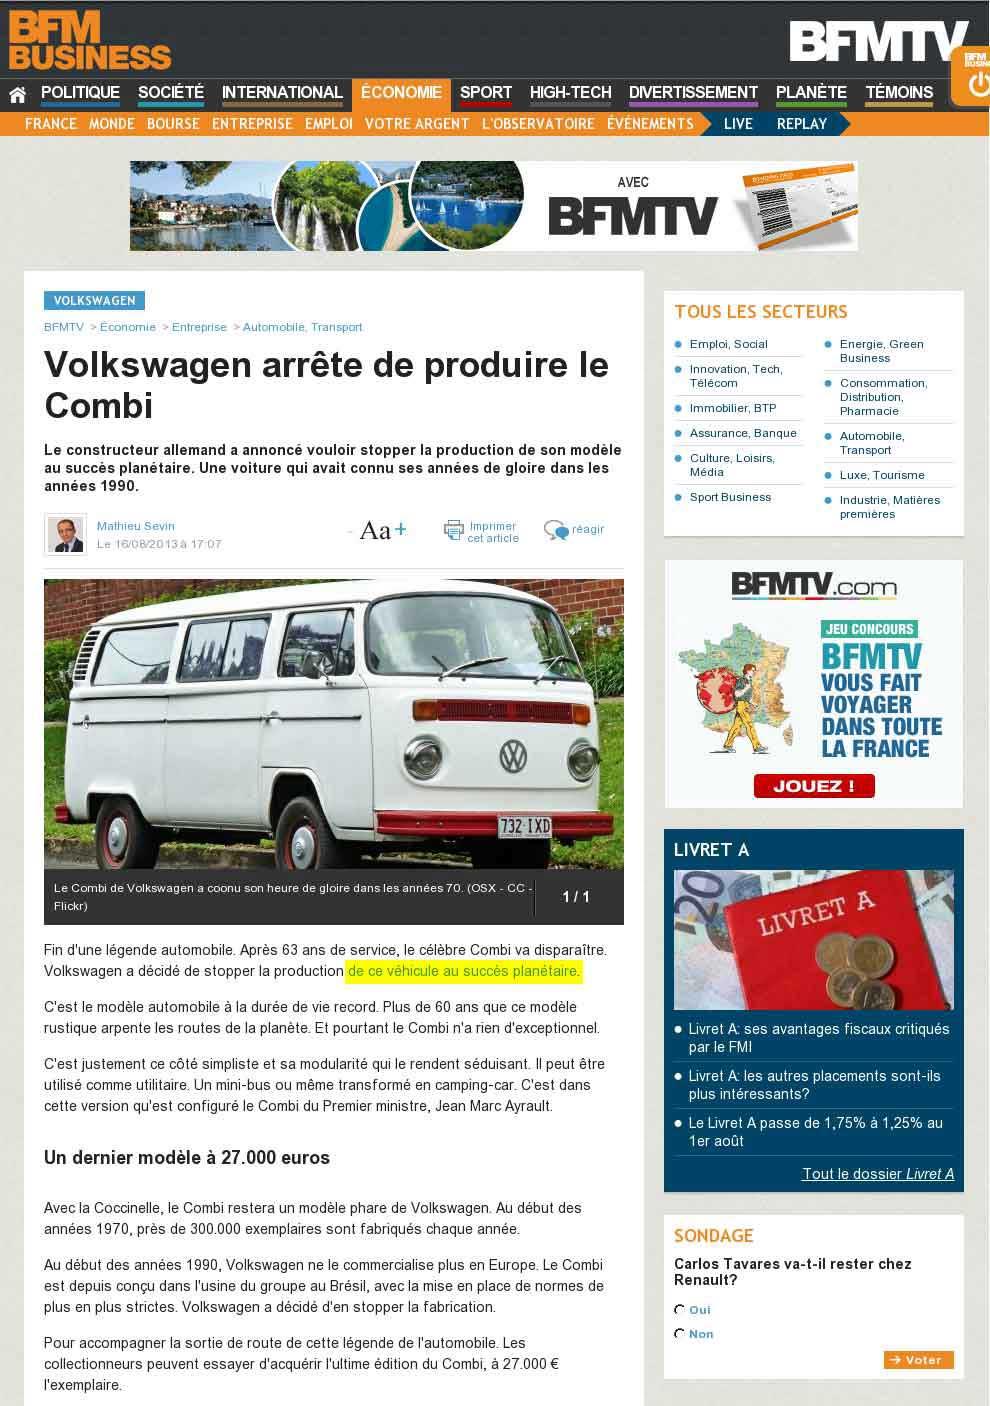 BFM TV - Be Combi